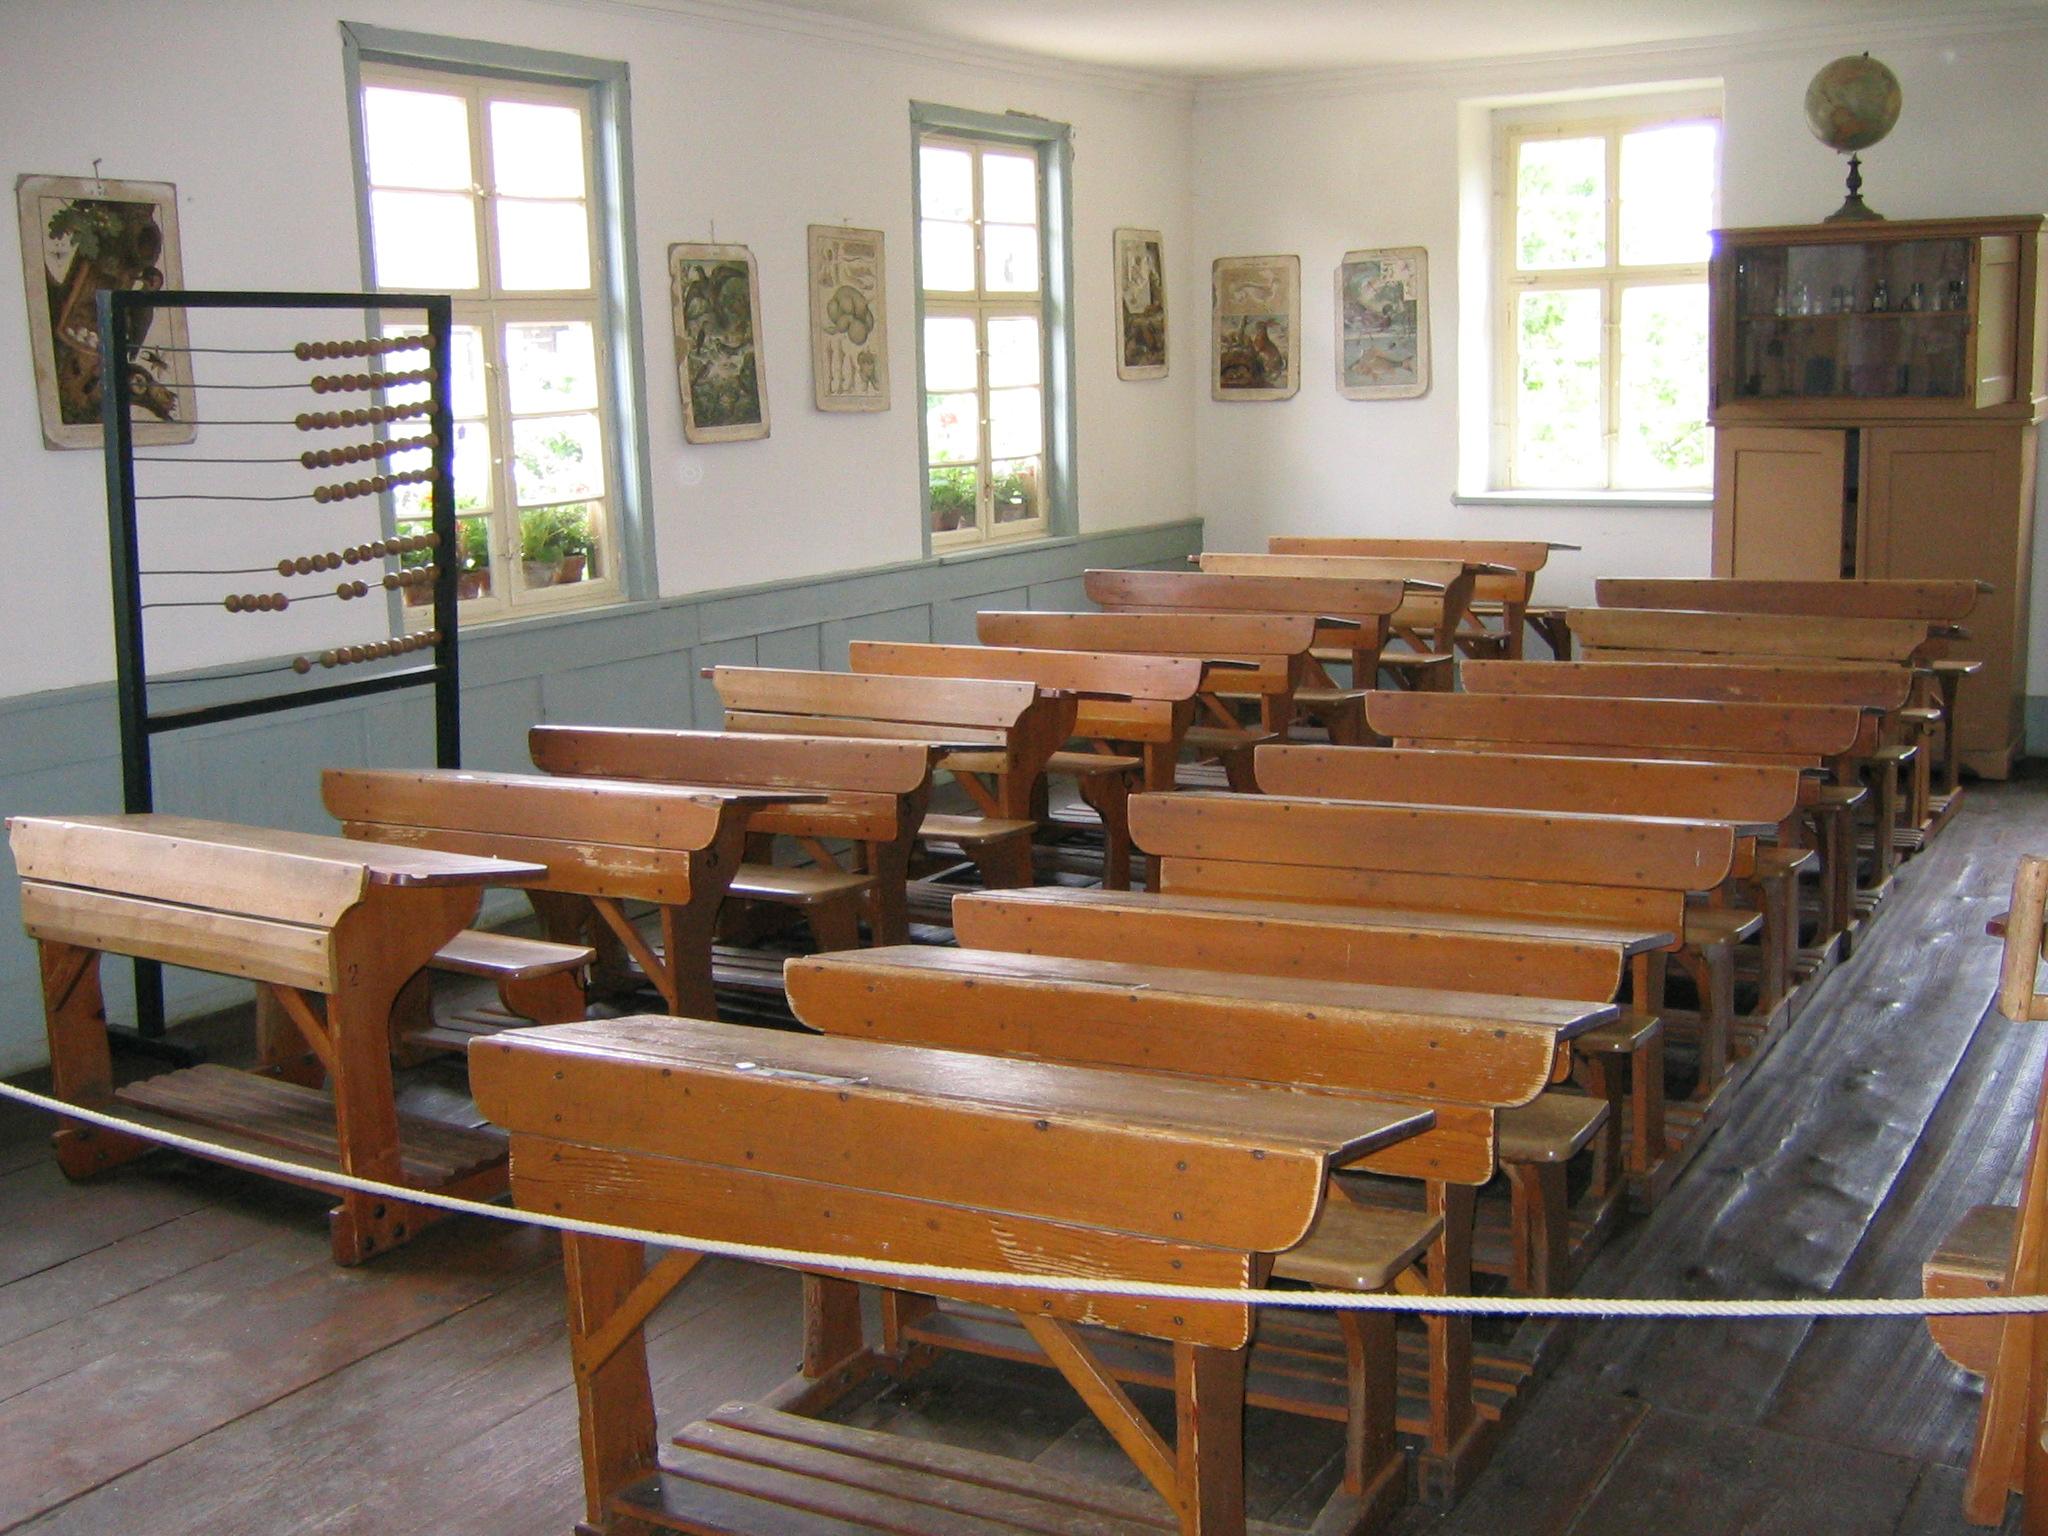 Schule – da läuft doch was grundsätzlich falsch?